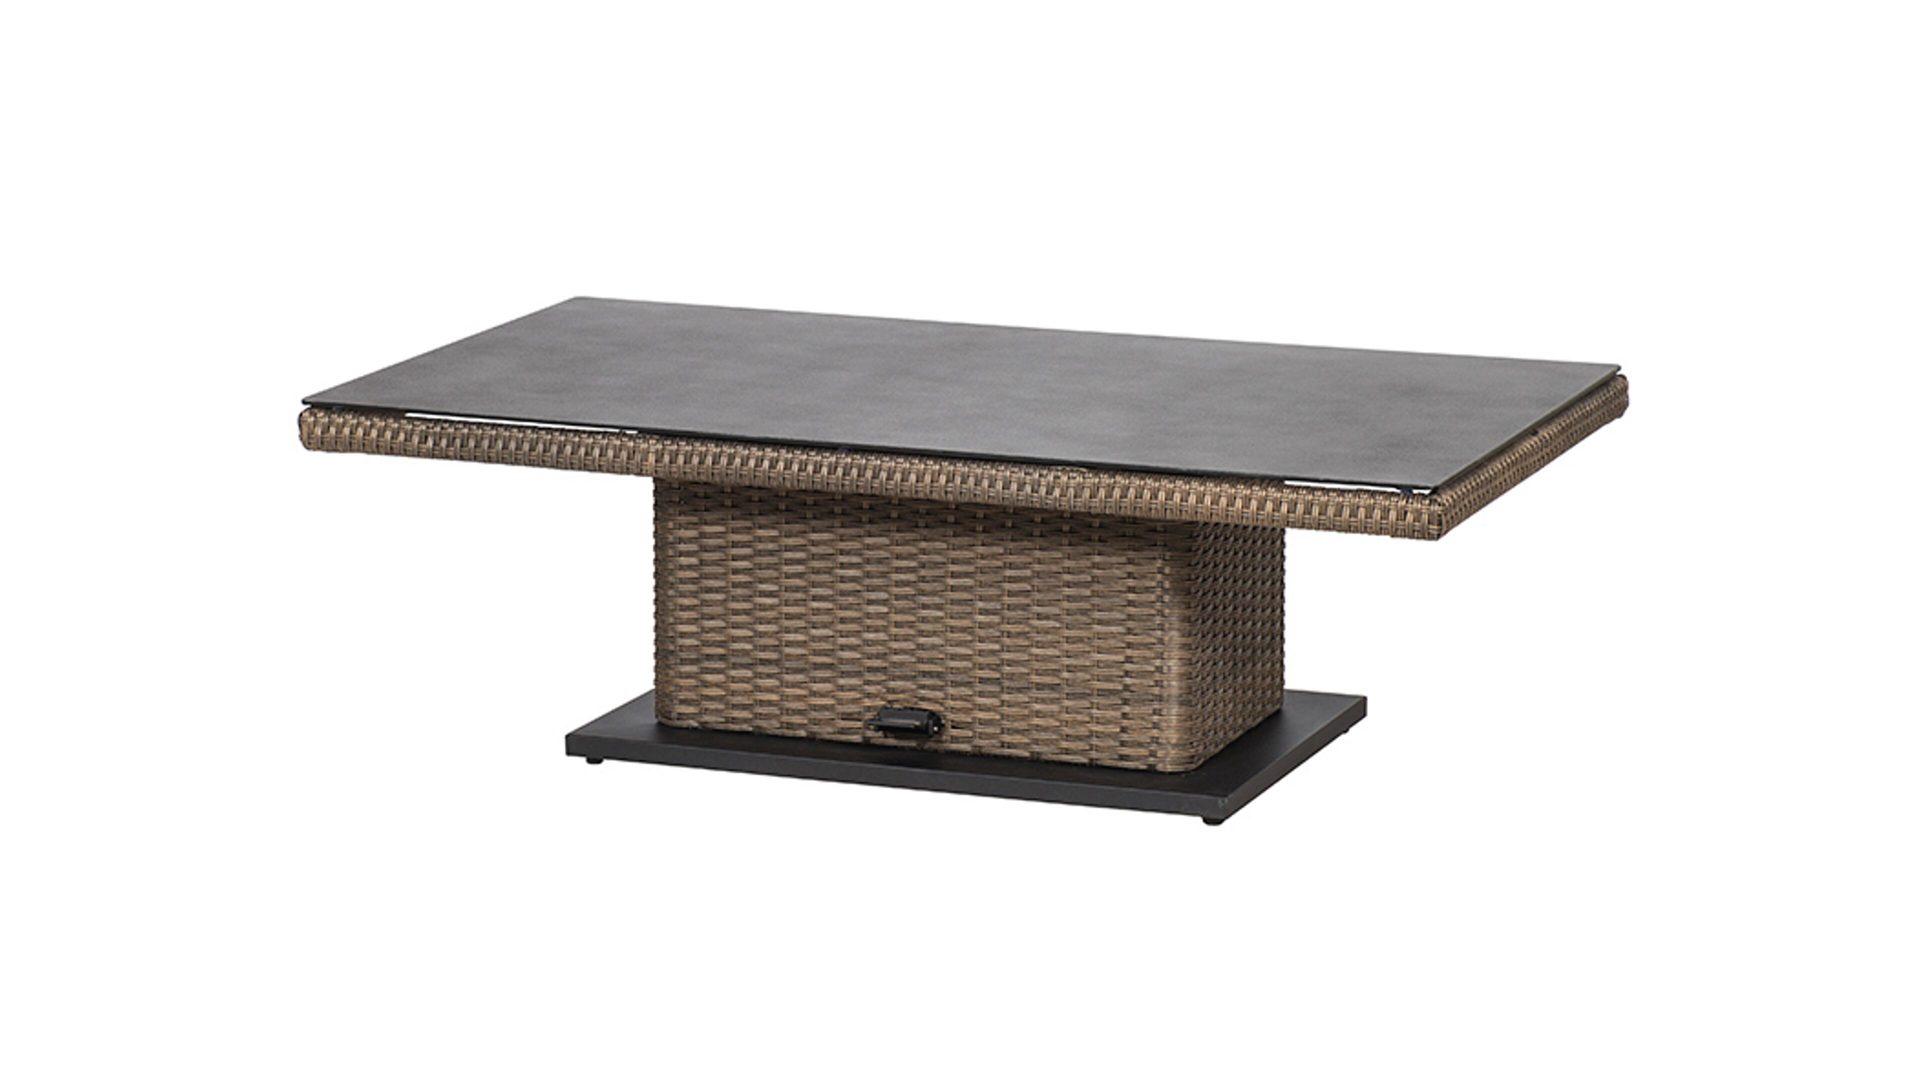 Siena Garden Lift Tisch Teramo Bronzefarbenes Geflecht